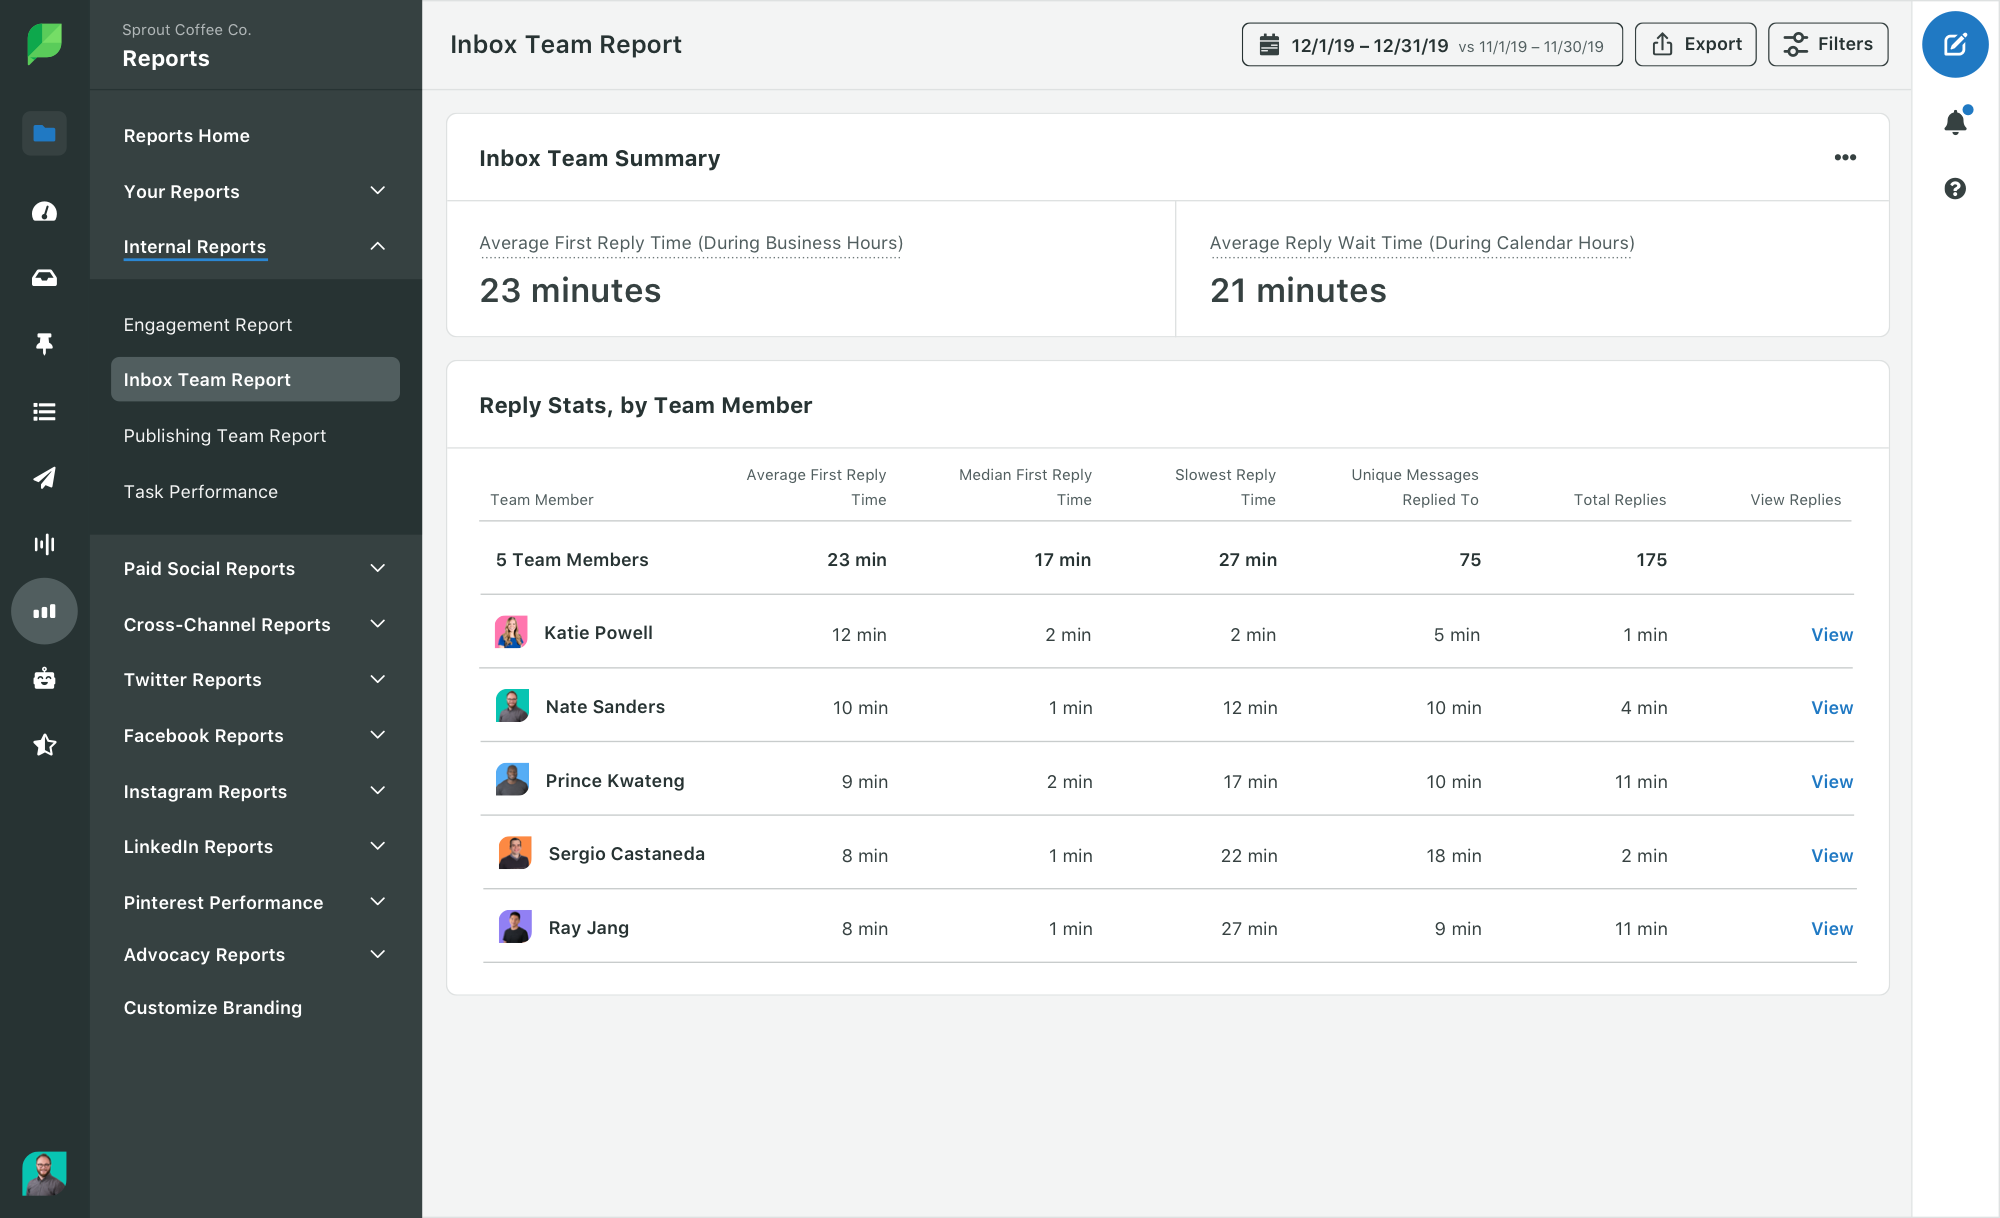 Informe del equipo de Sprout que muestra el tiempo de respuesta promedio